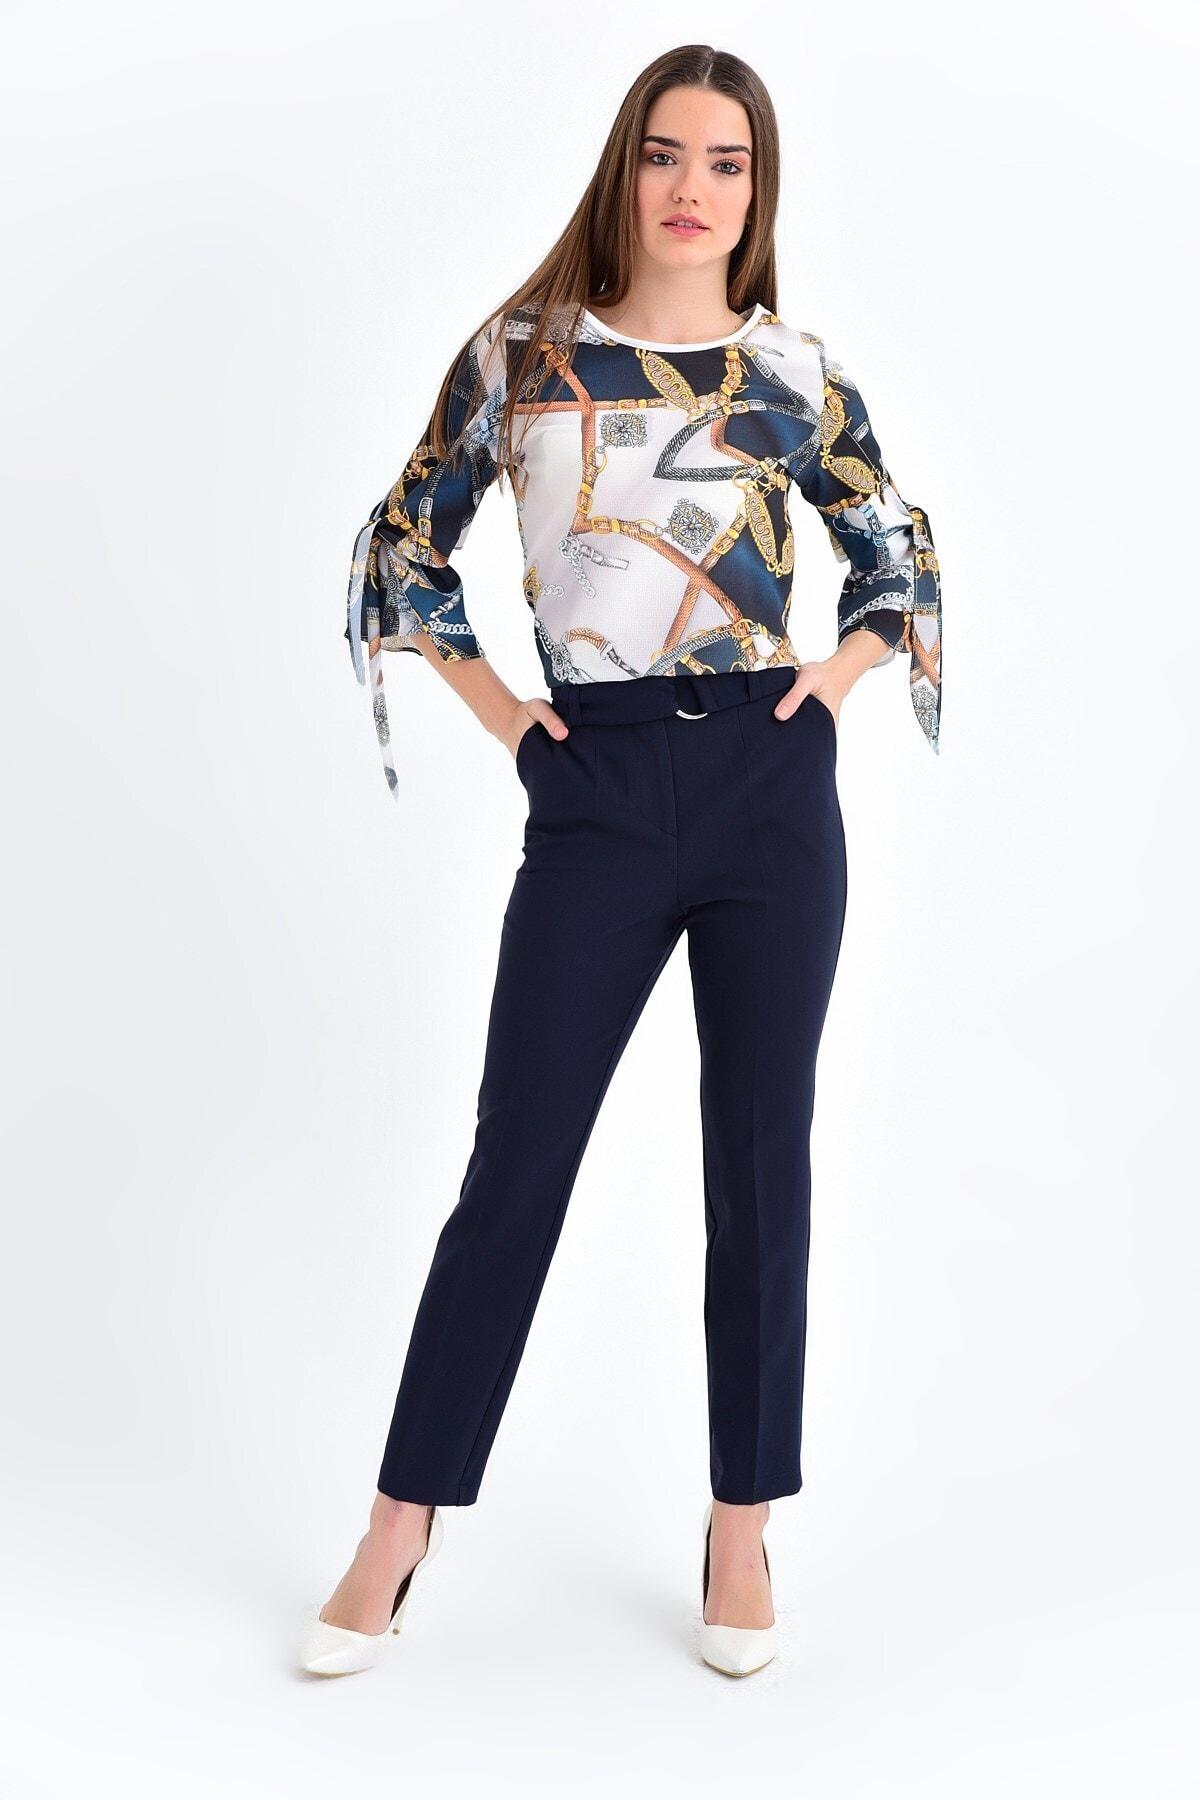 Jument Kadın Lacivert Pantolon 2522 1